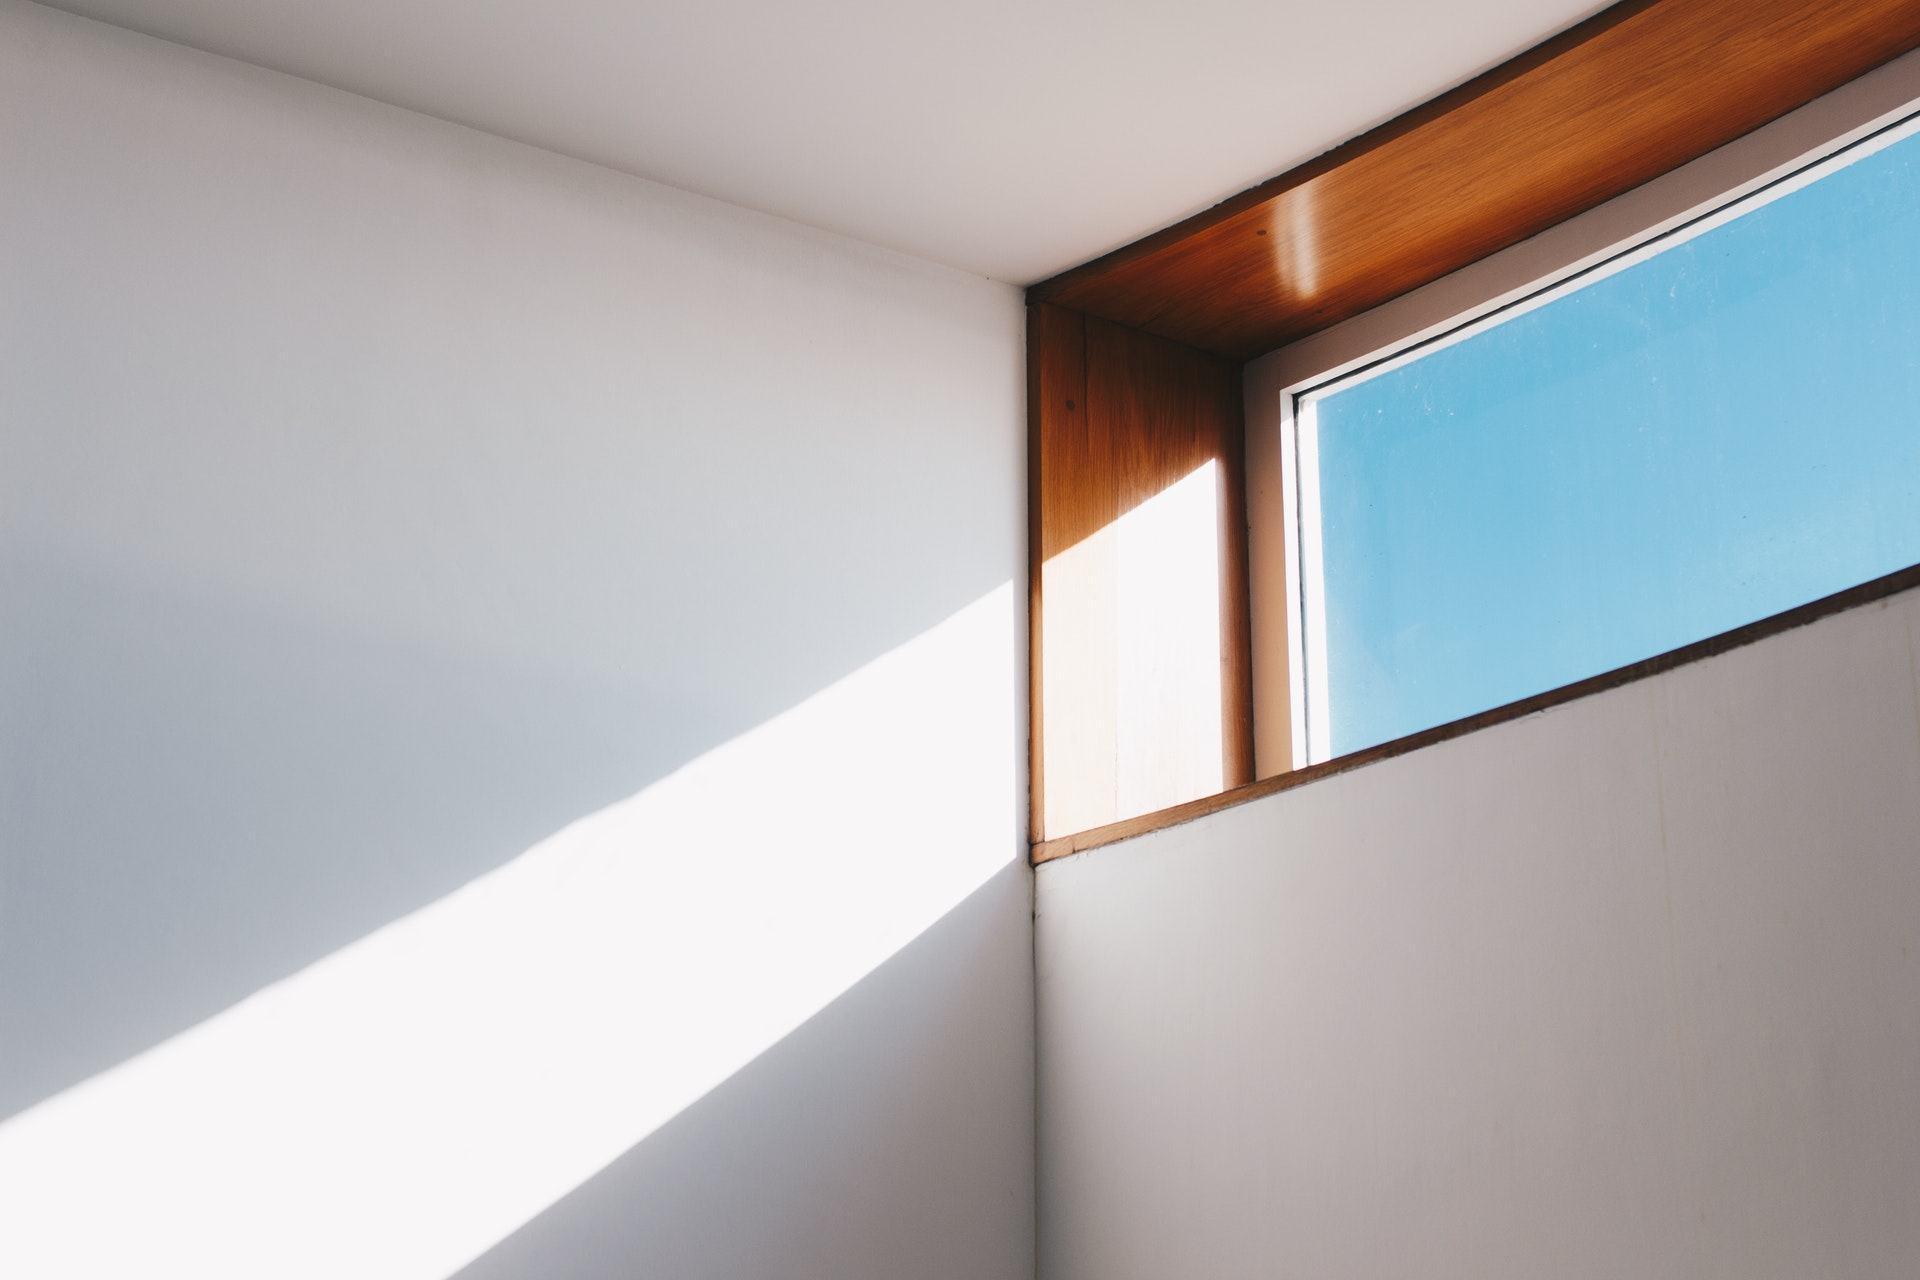 Feixe de luz solar passa por uma janela e bate na parede branca. A janela tem moldura de madeira e, lá fora, aparece o céu azul.